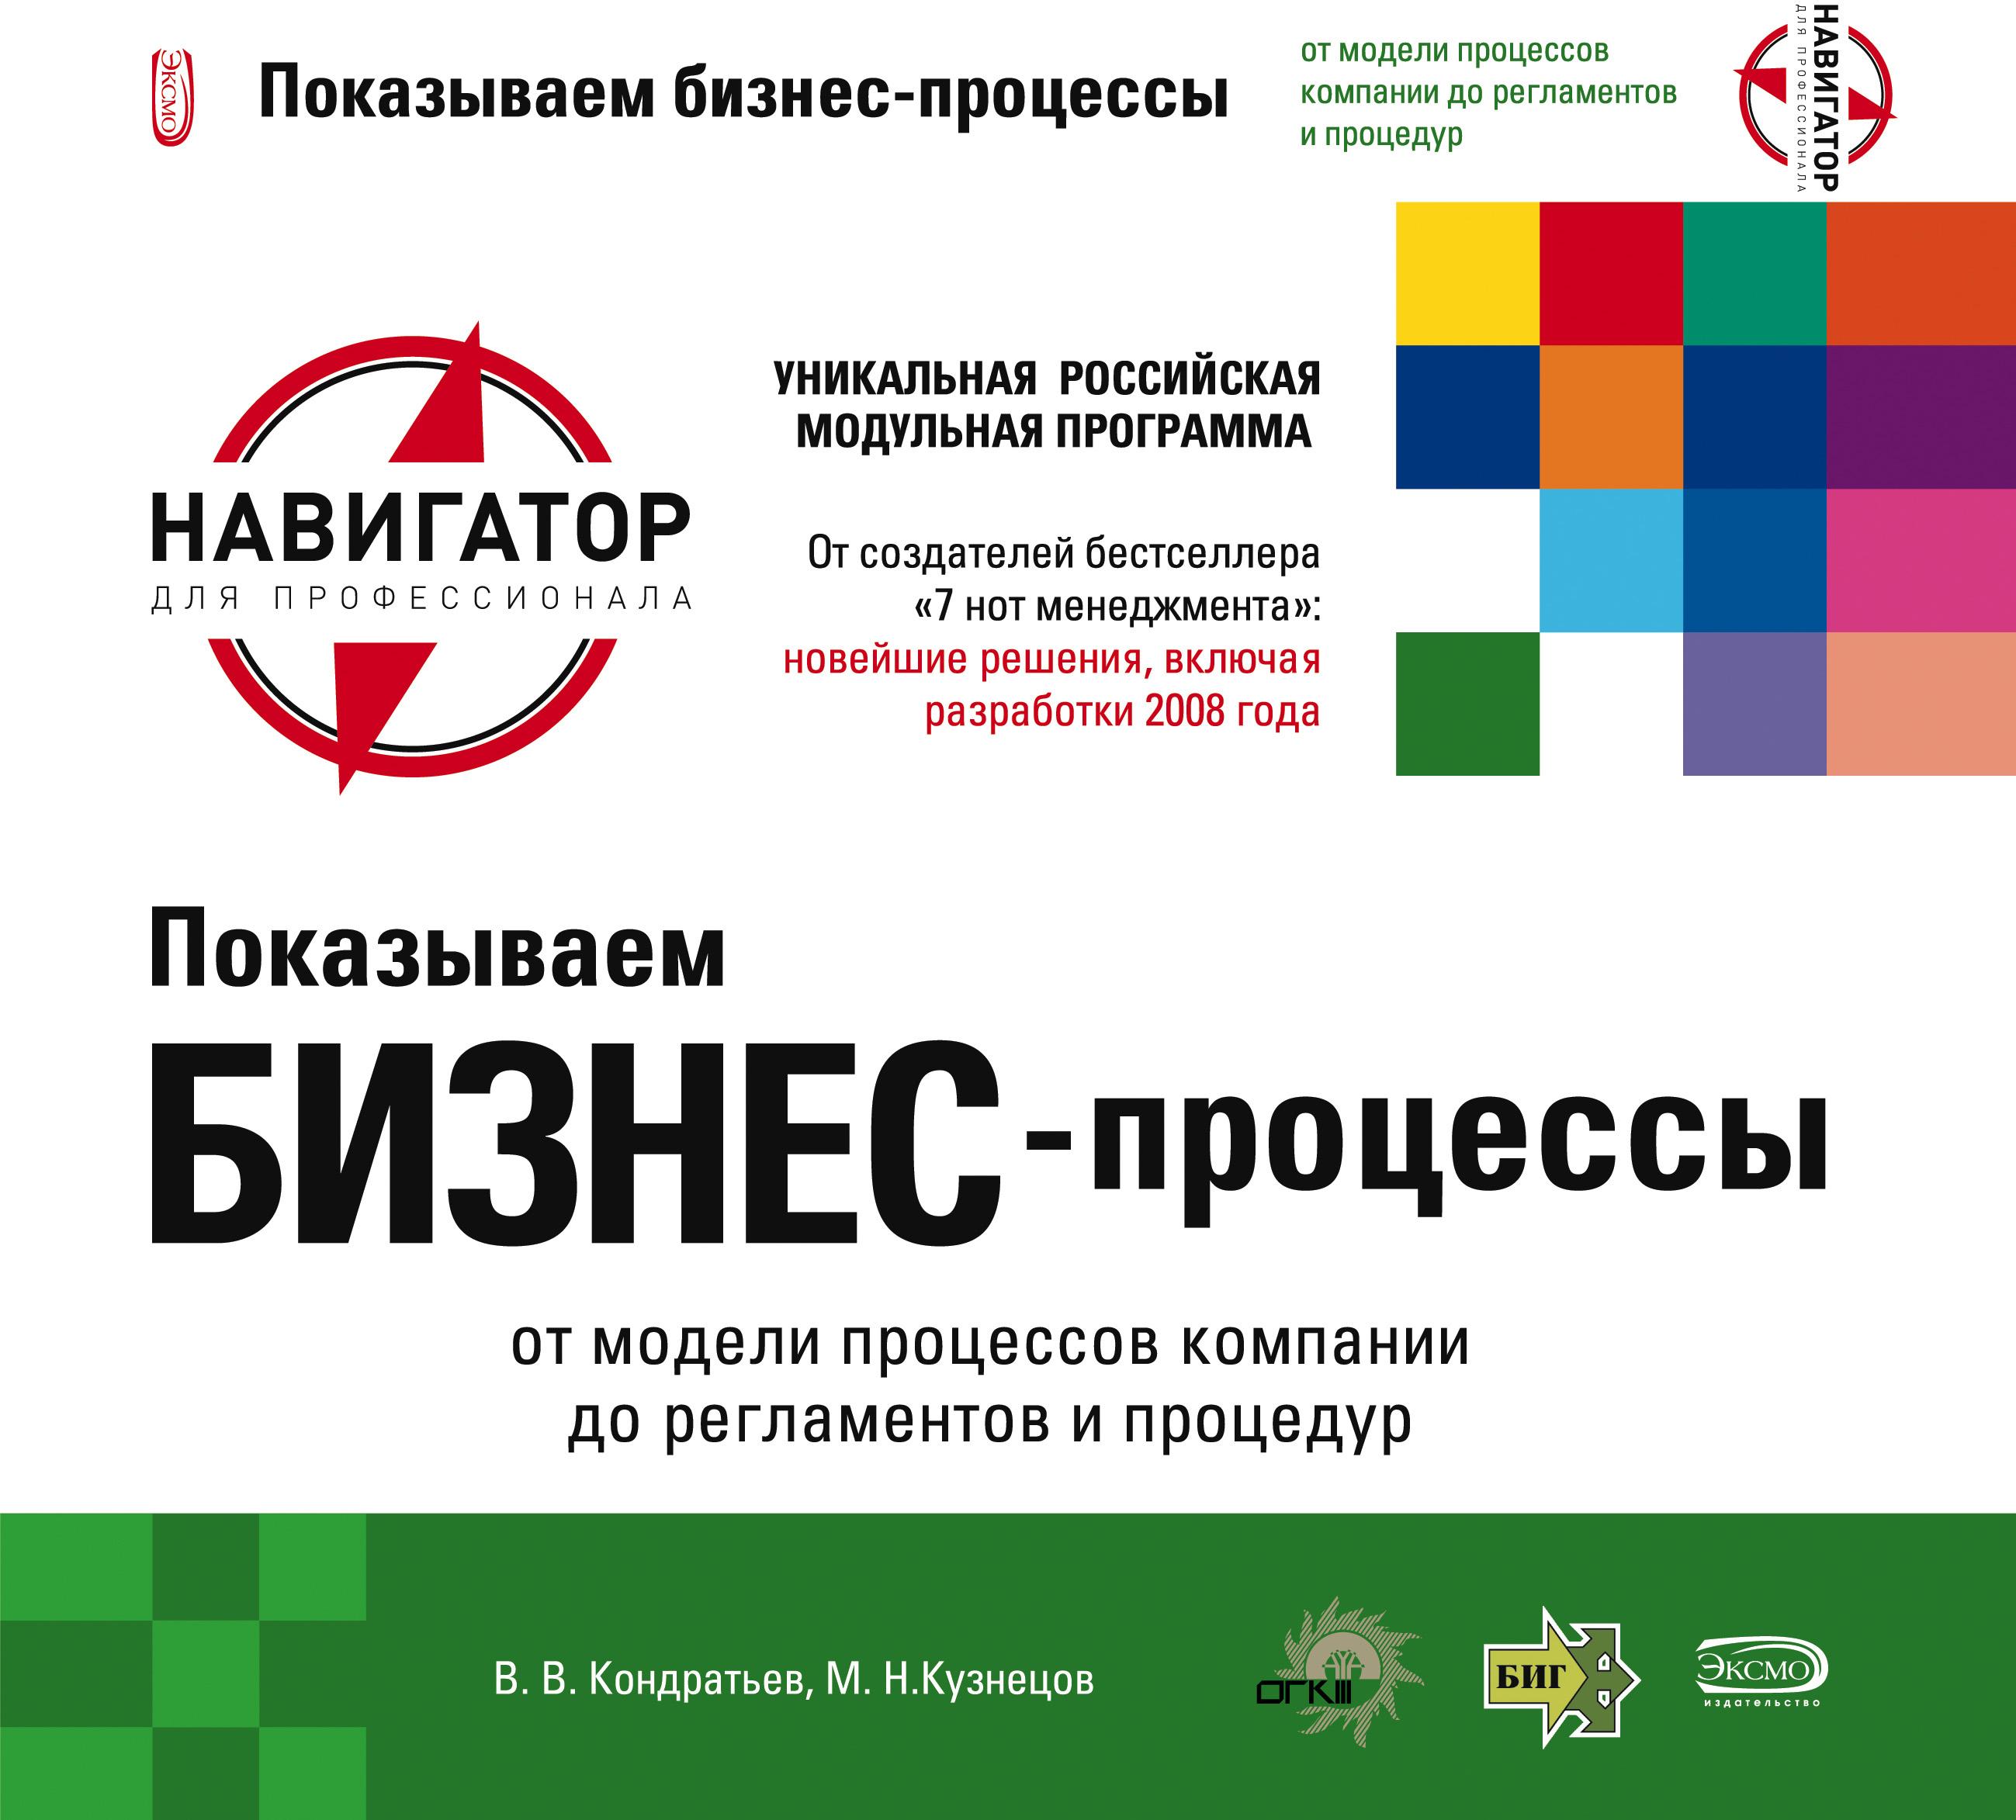 цена Вячеслав Кондратьев Показываем бизнес-процессы